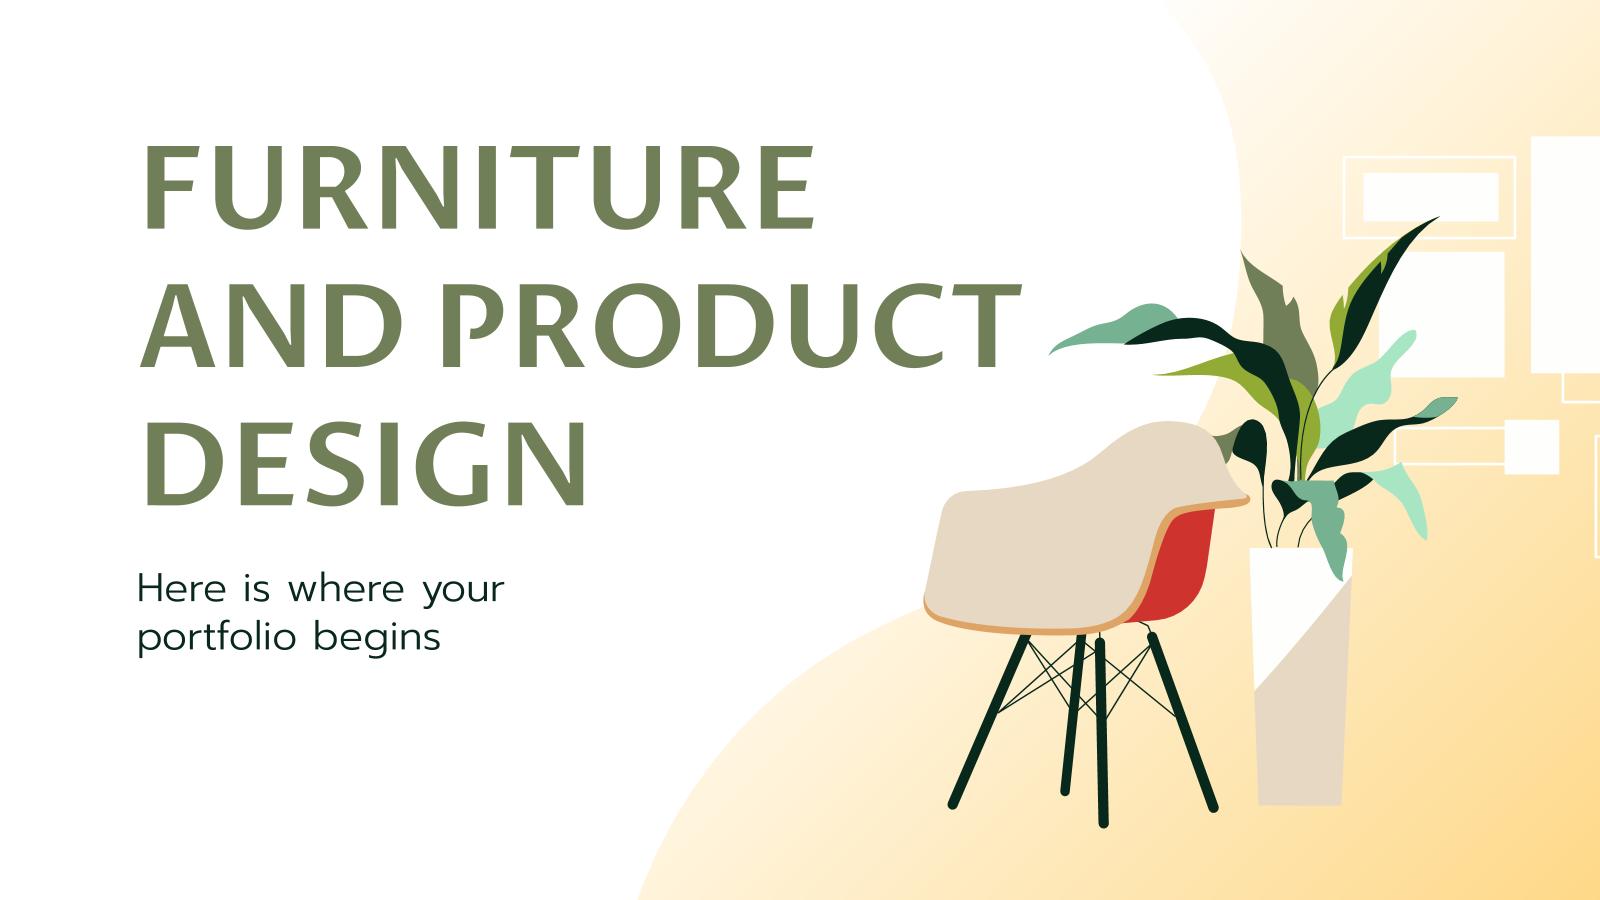 Modelo de apresentação Portfólio de design de produtos e móveis